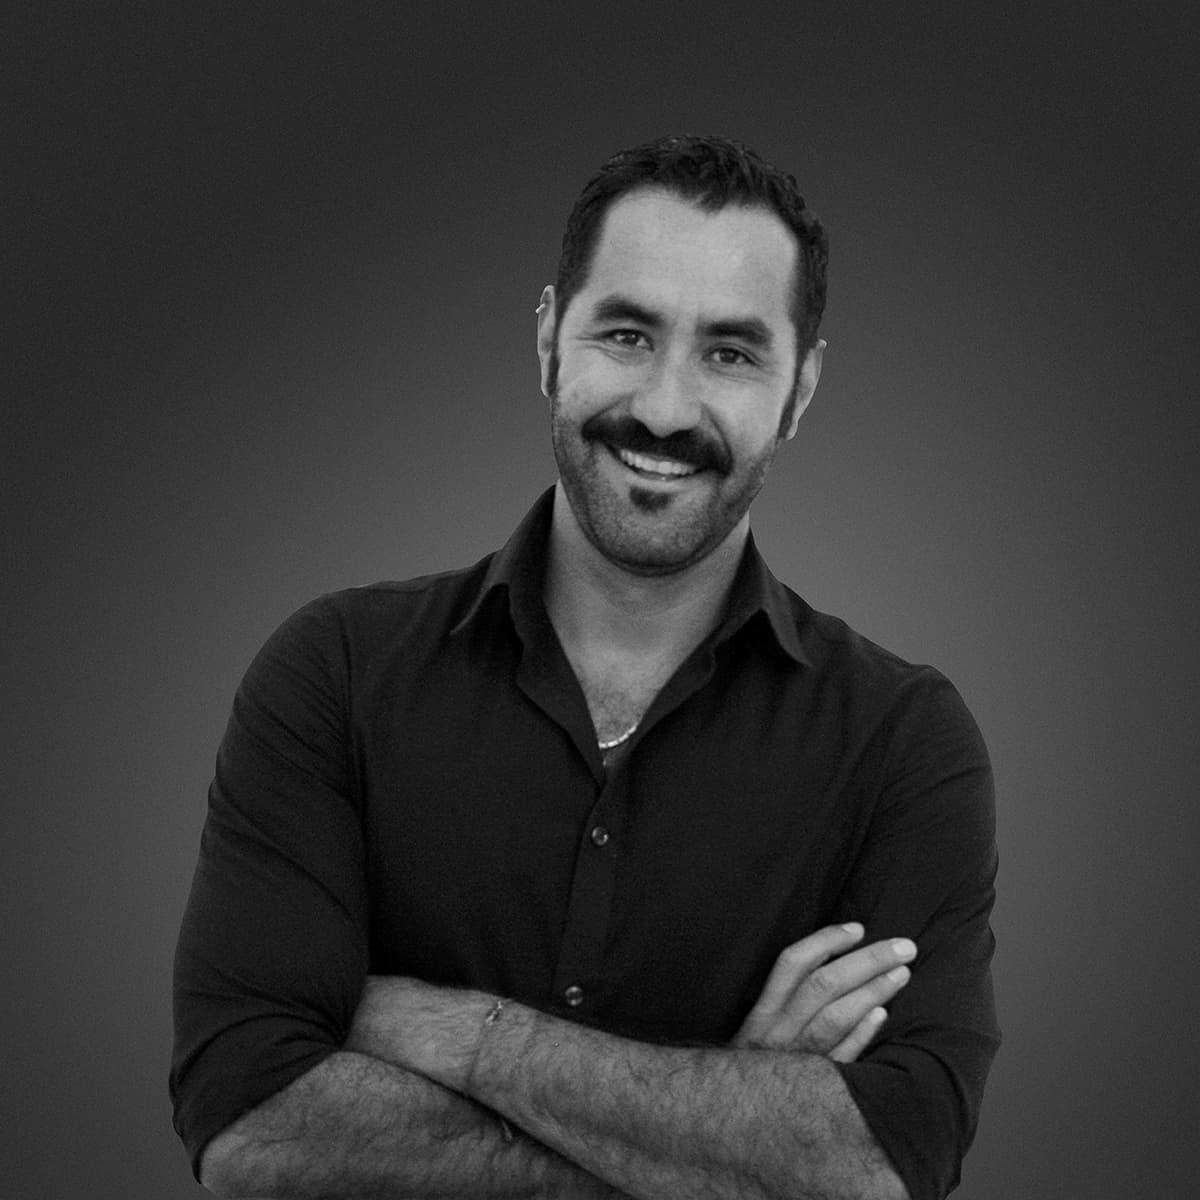 Alejandro Mitre